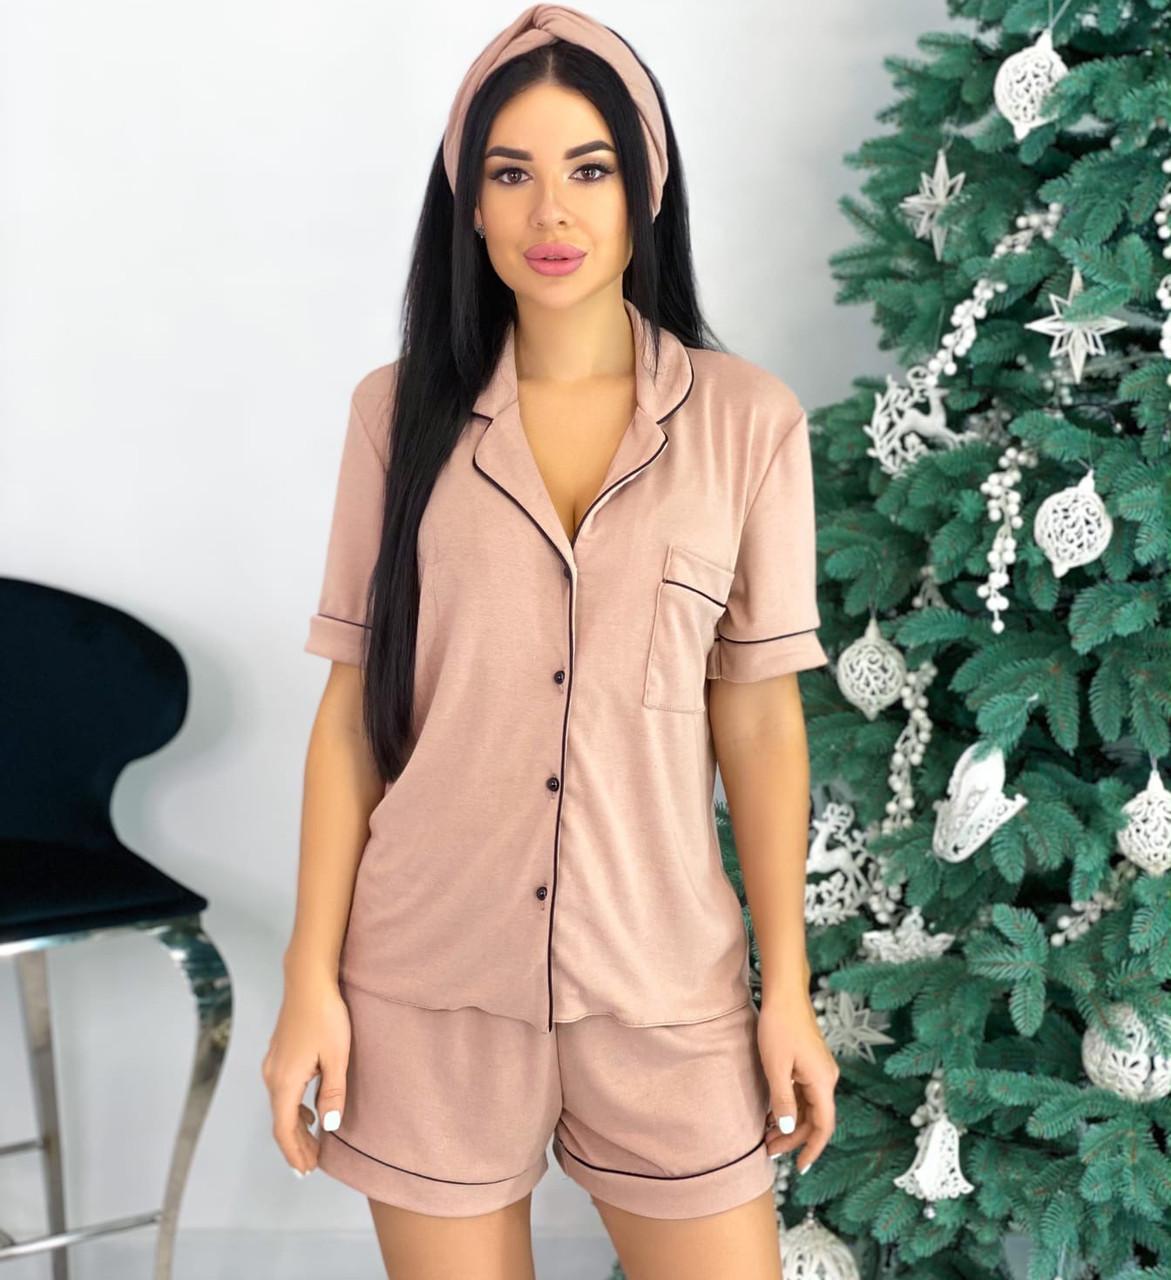 Женская бежевая пижама с повязкой